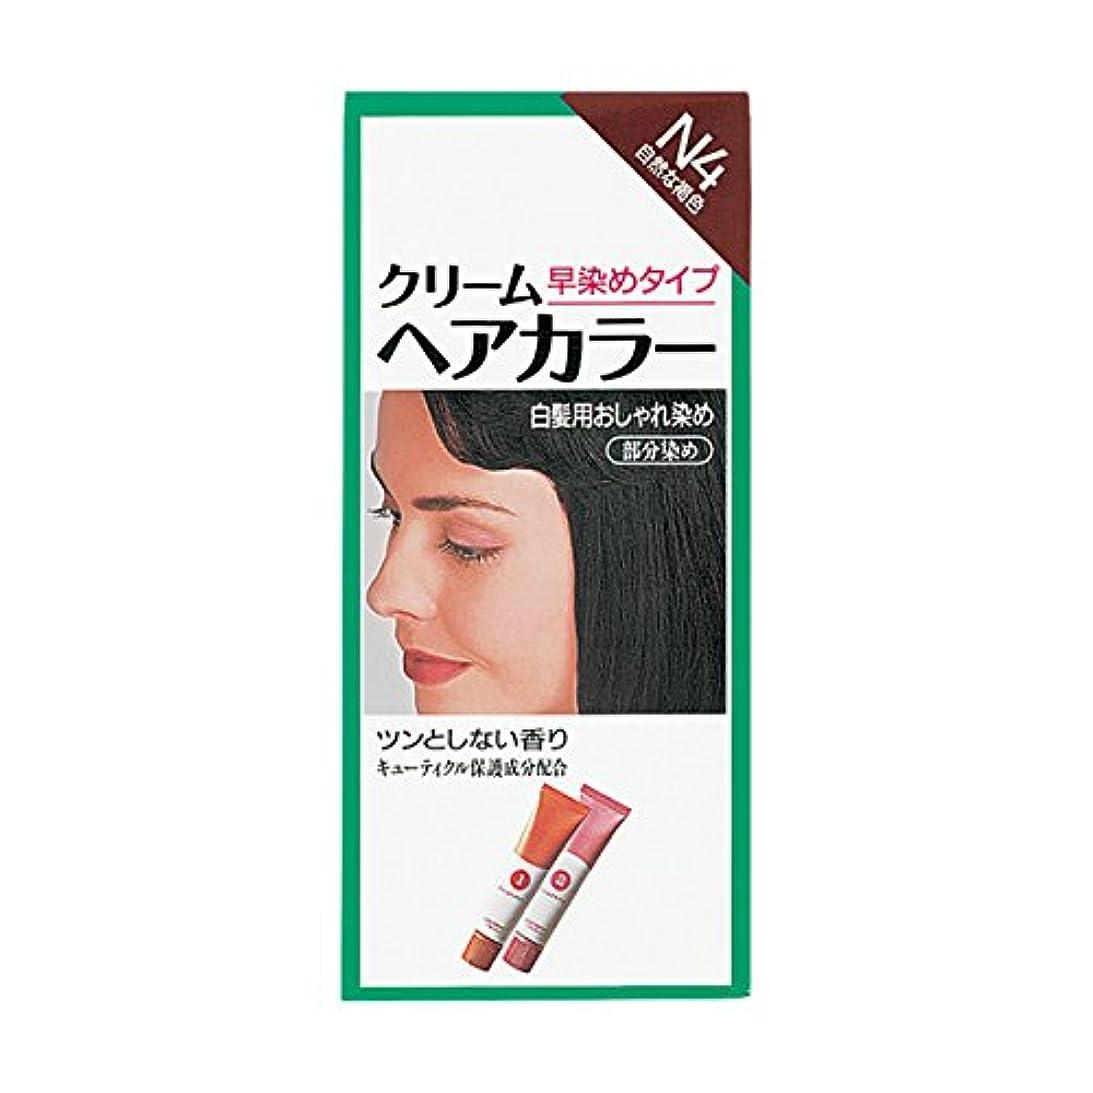 こしょう順応性のあるめまいヘアカラー クリームヘアカラーN N4 【医薬部外品】